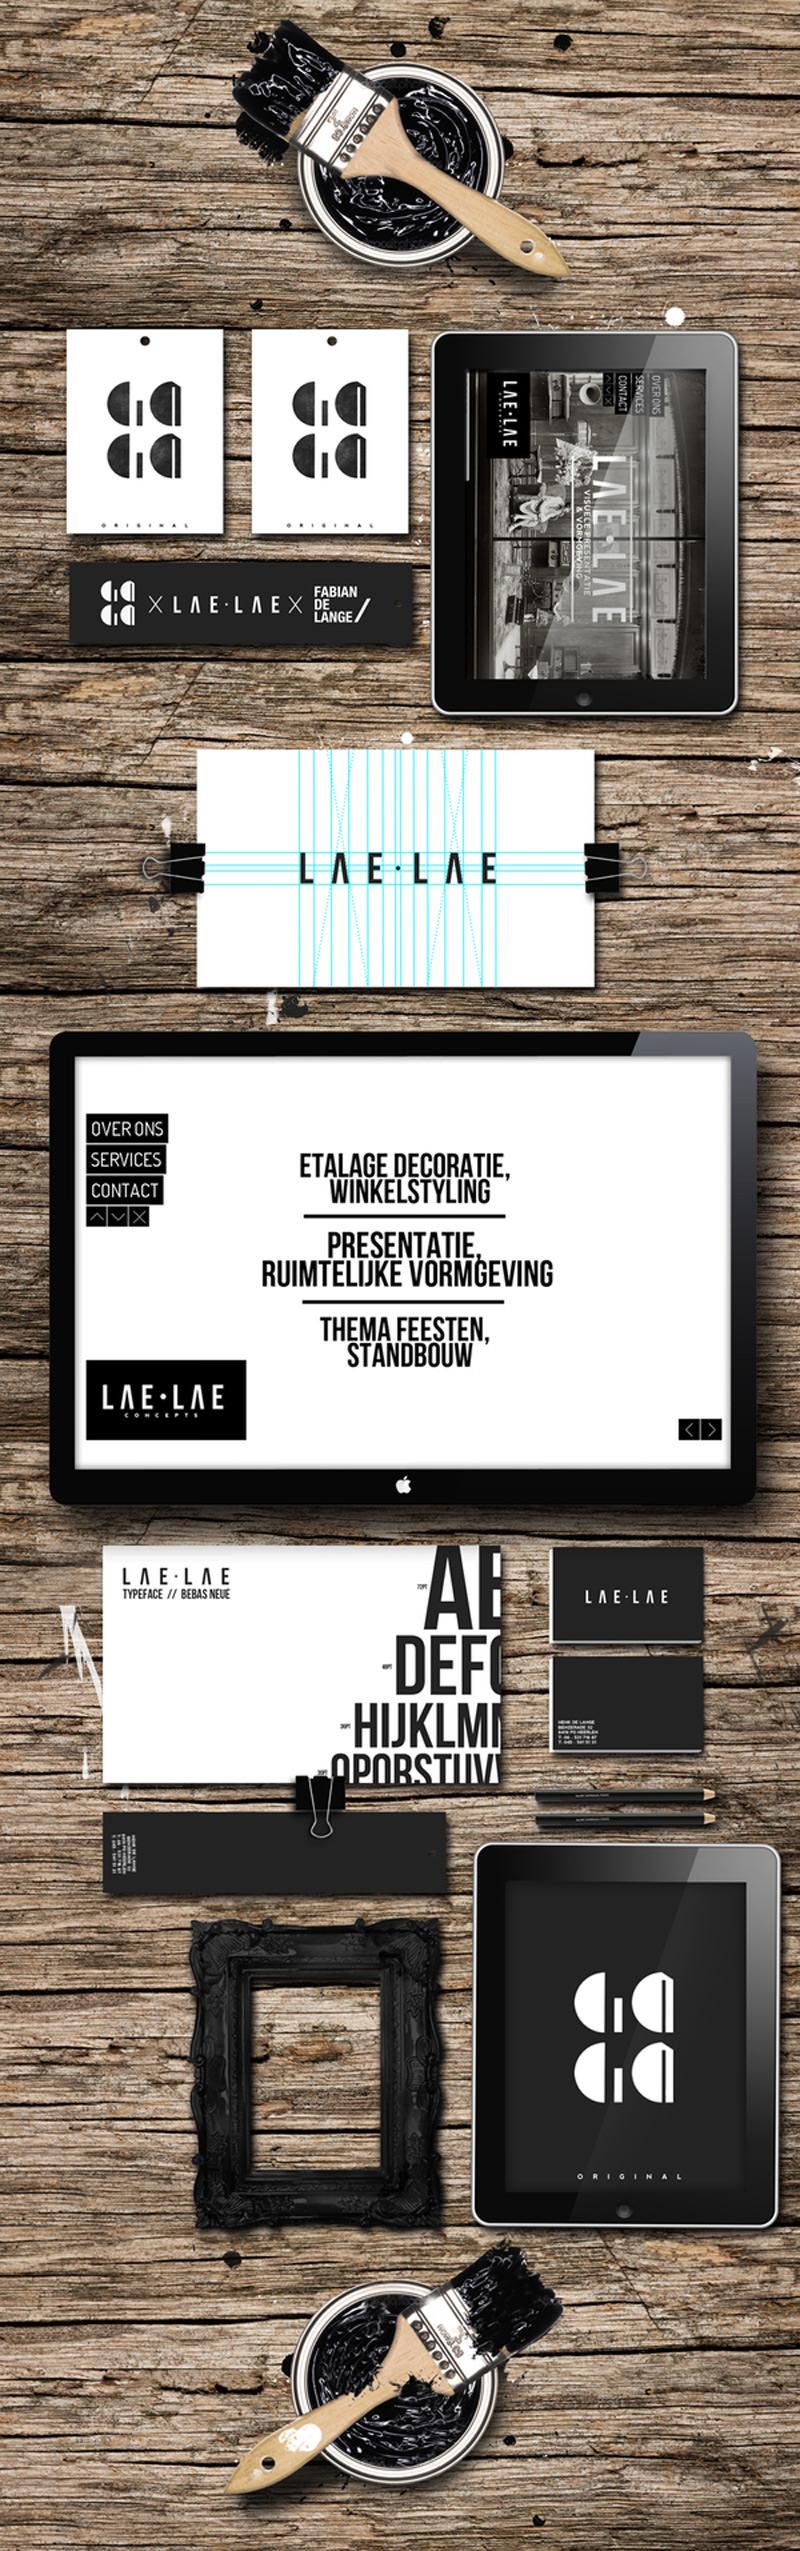 Ejemplos de identidad de marca: LAE